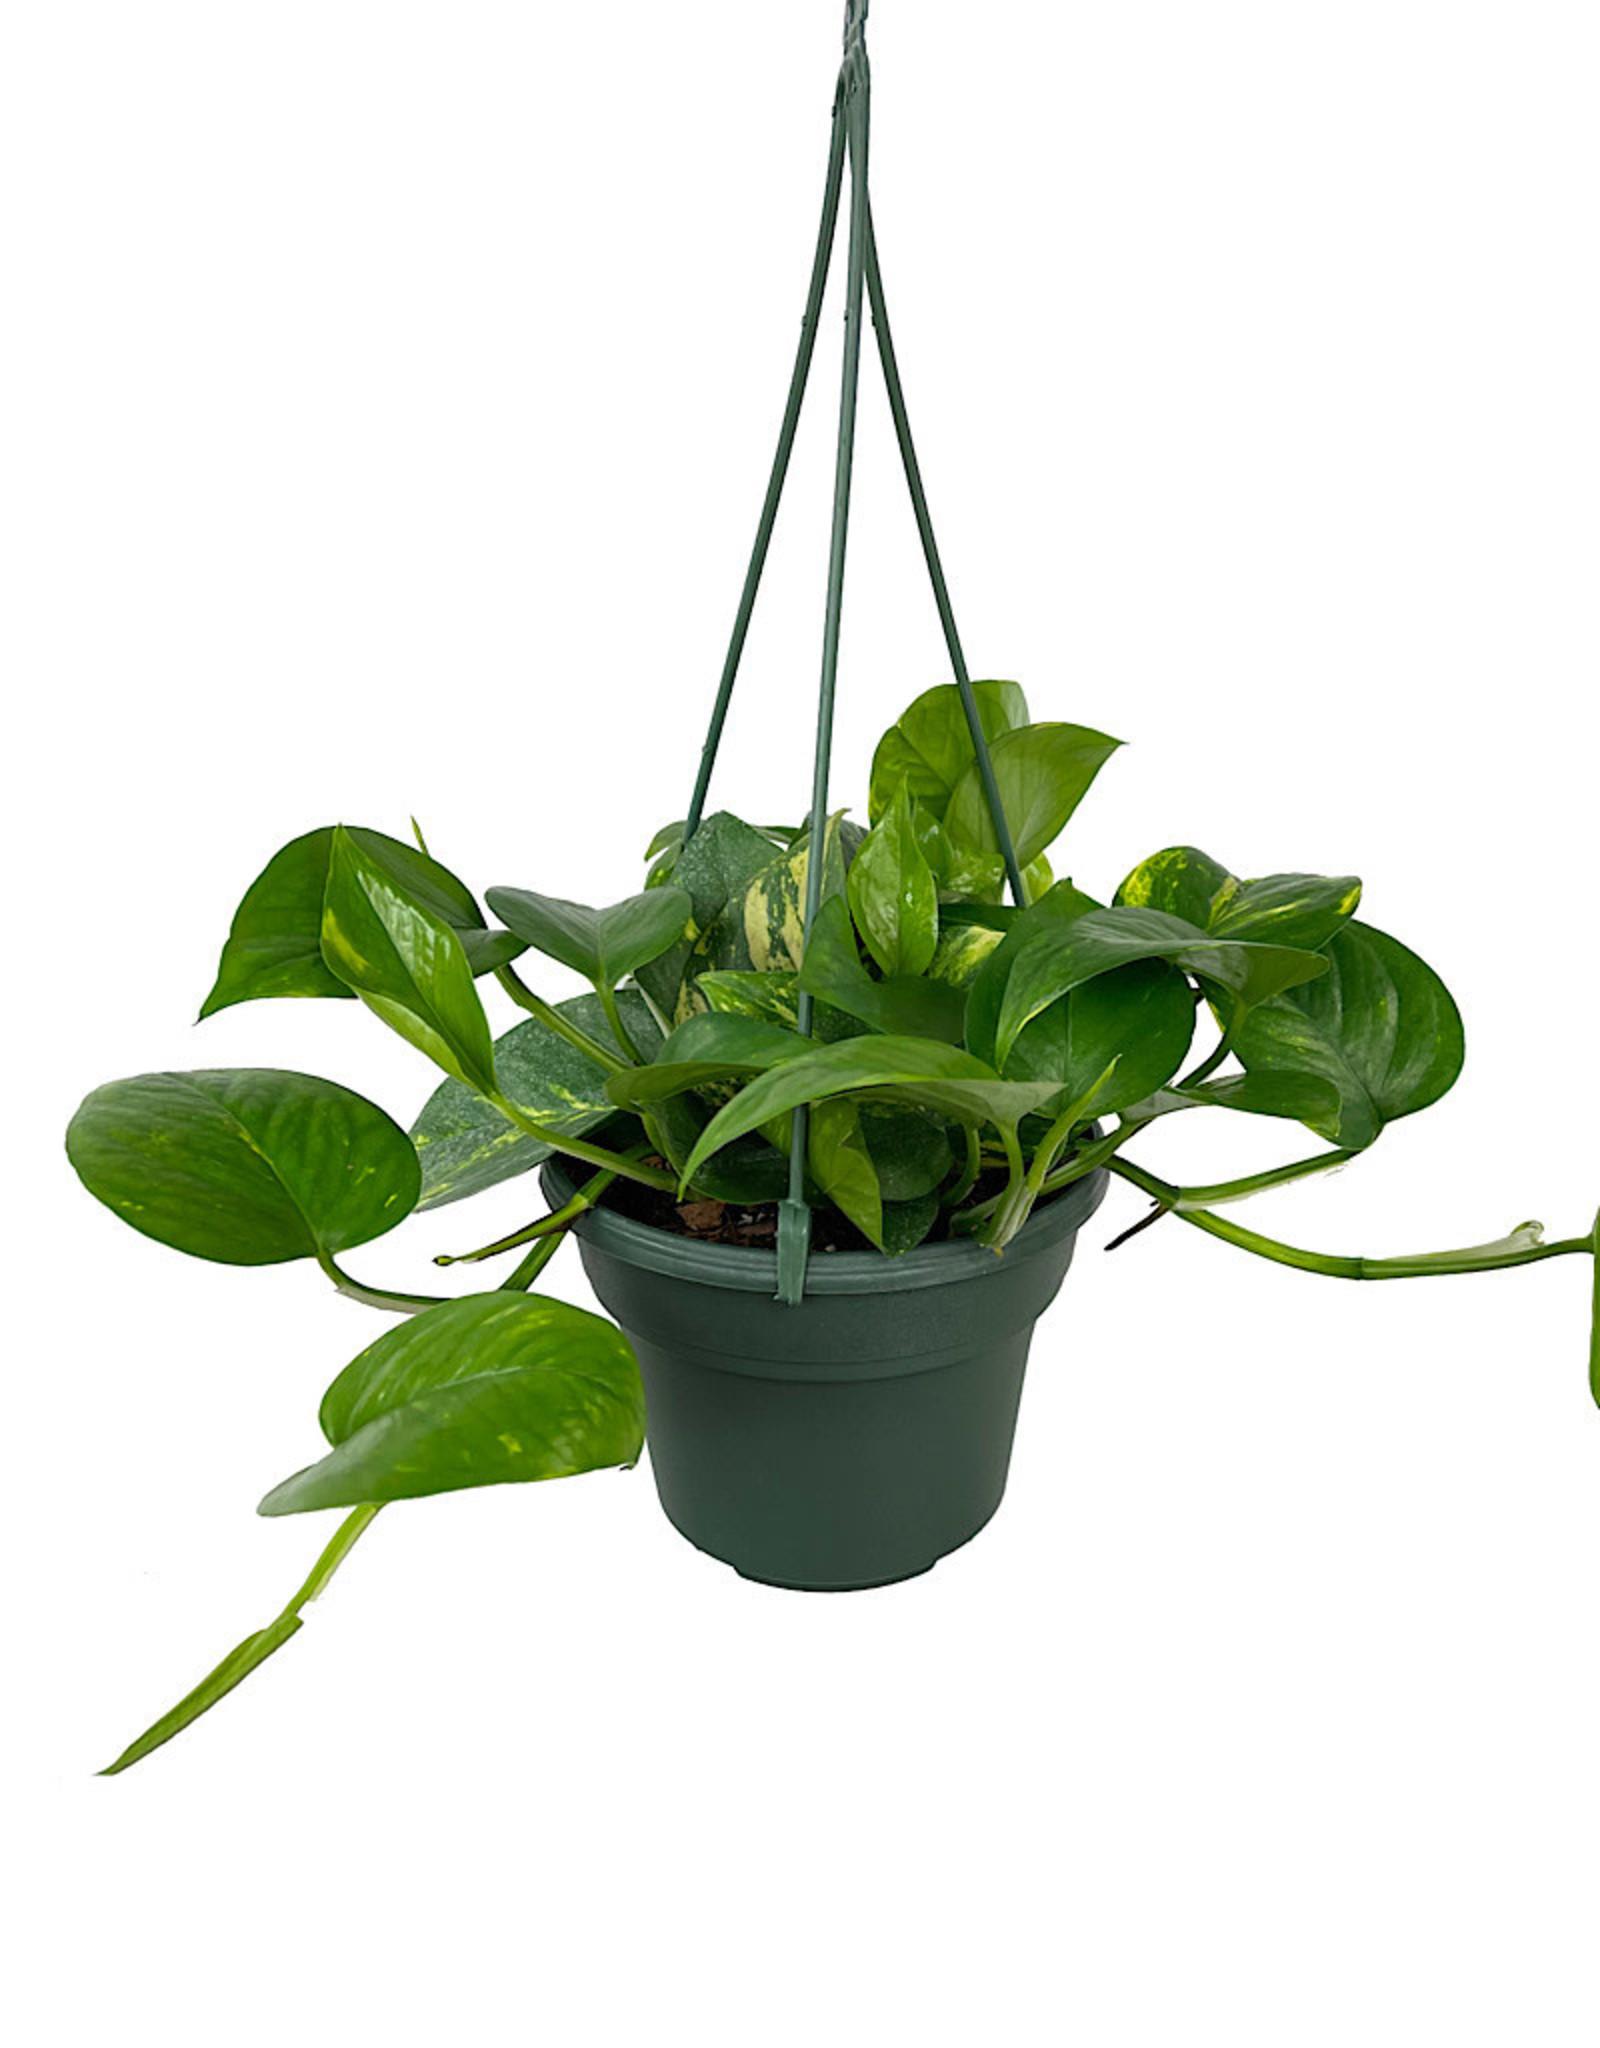 Pothos 'Golden' Hanging Basket 6 Inch